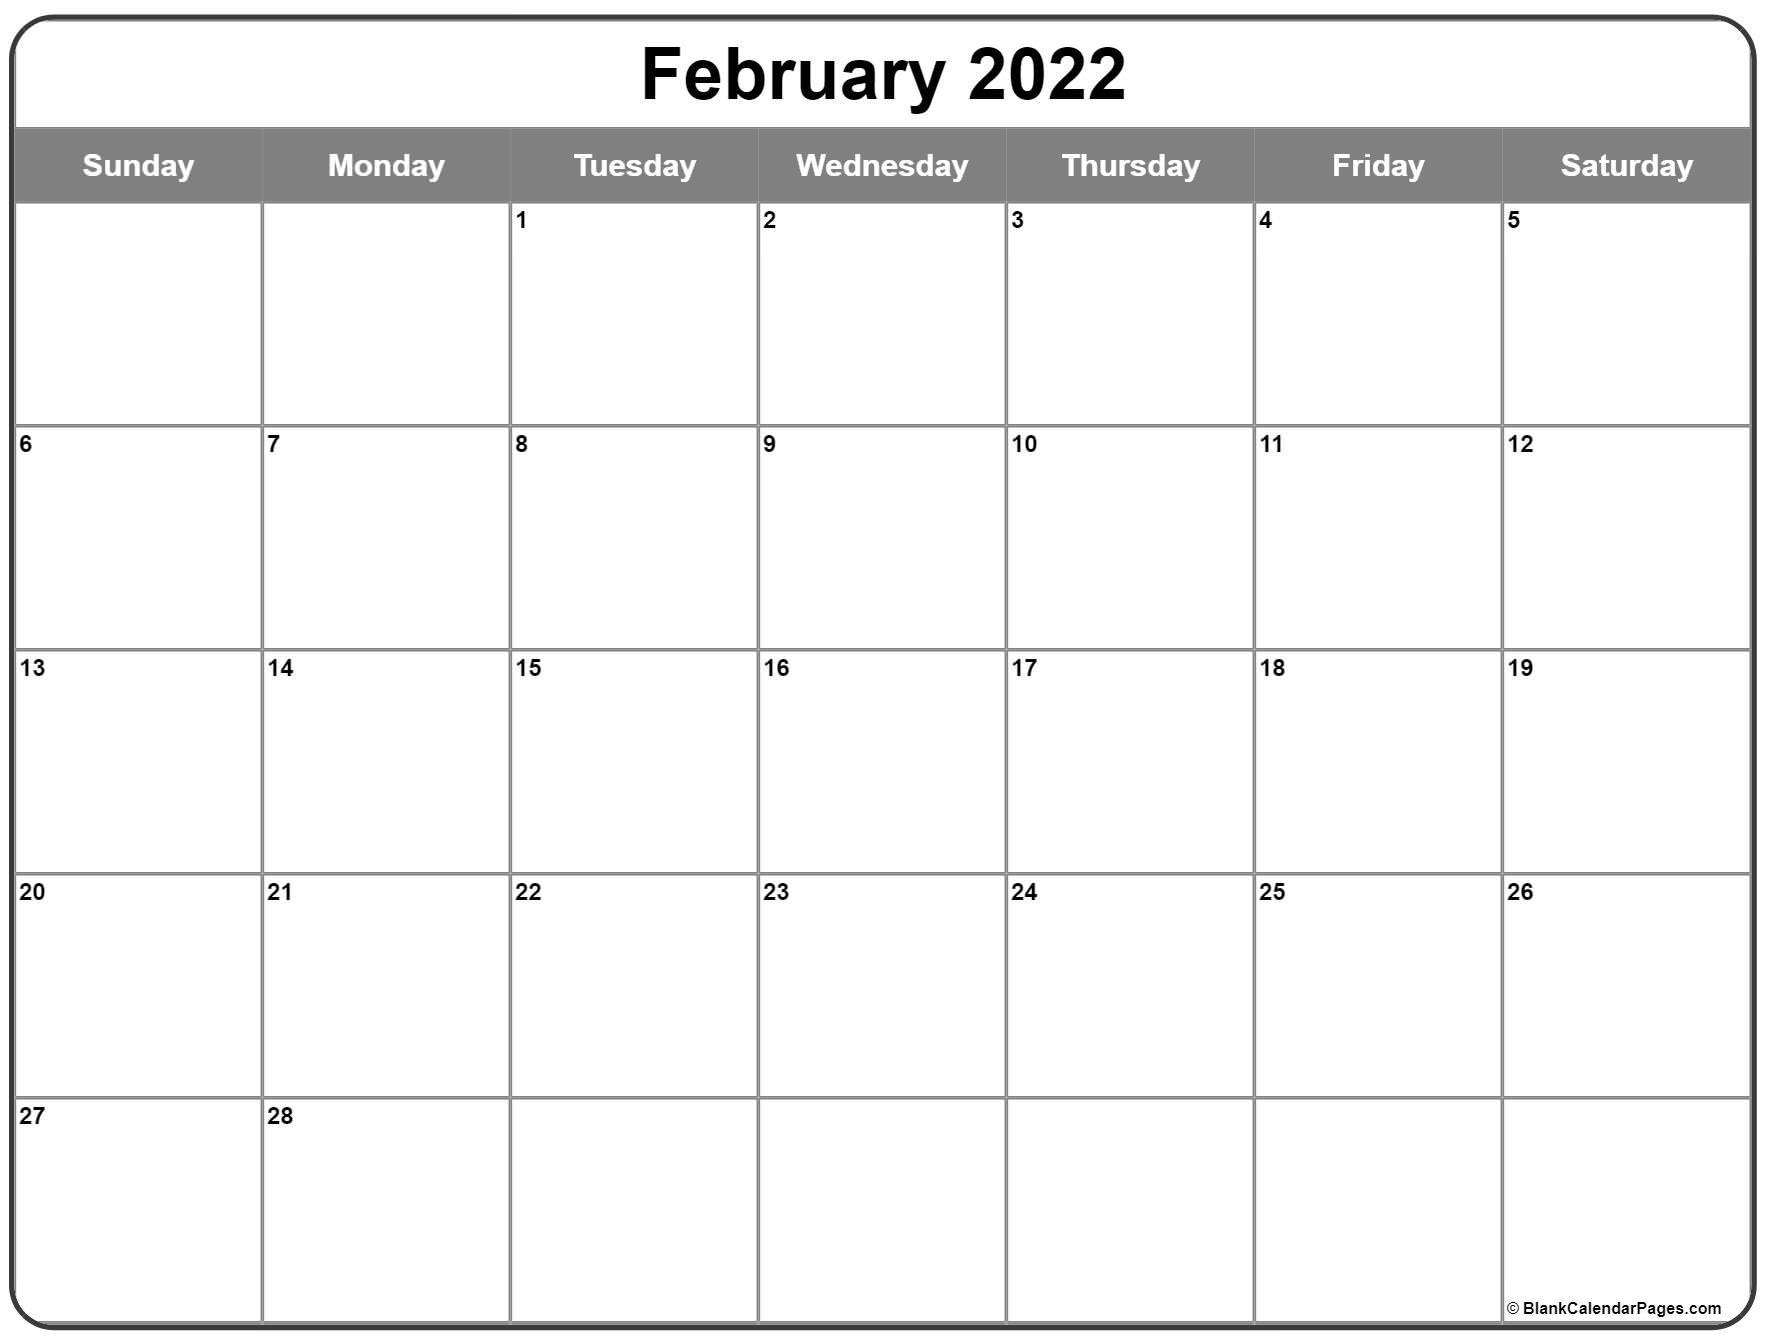 February 2022 Calendar   Free Printable Calendar Templates Within Feb 2022 Calendar Printable Free